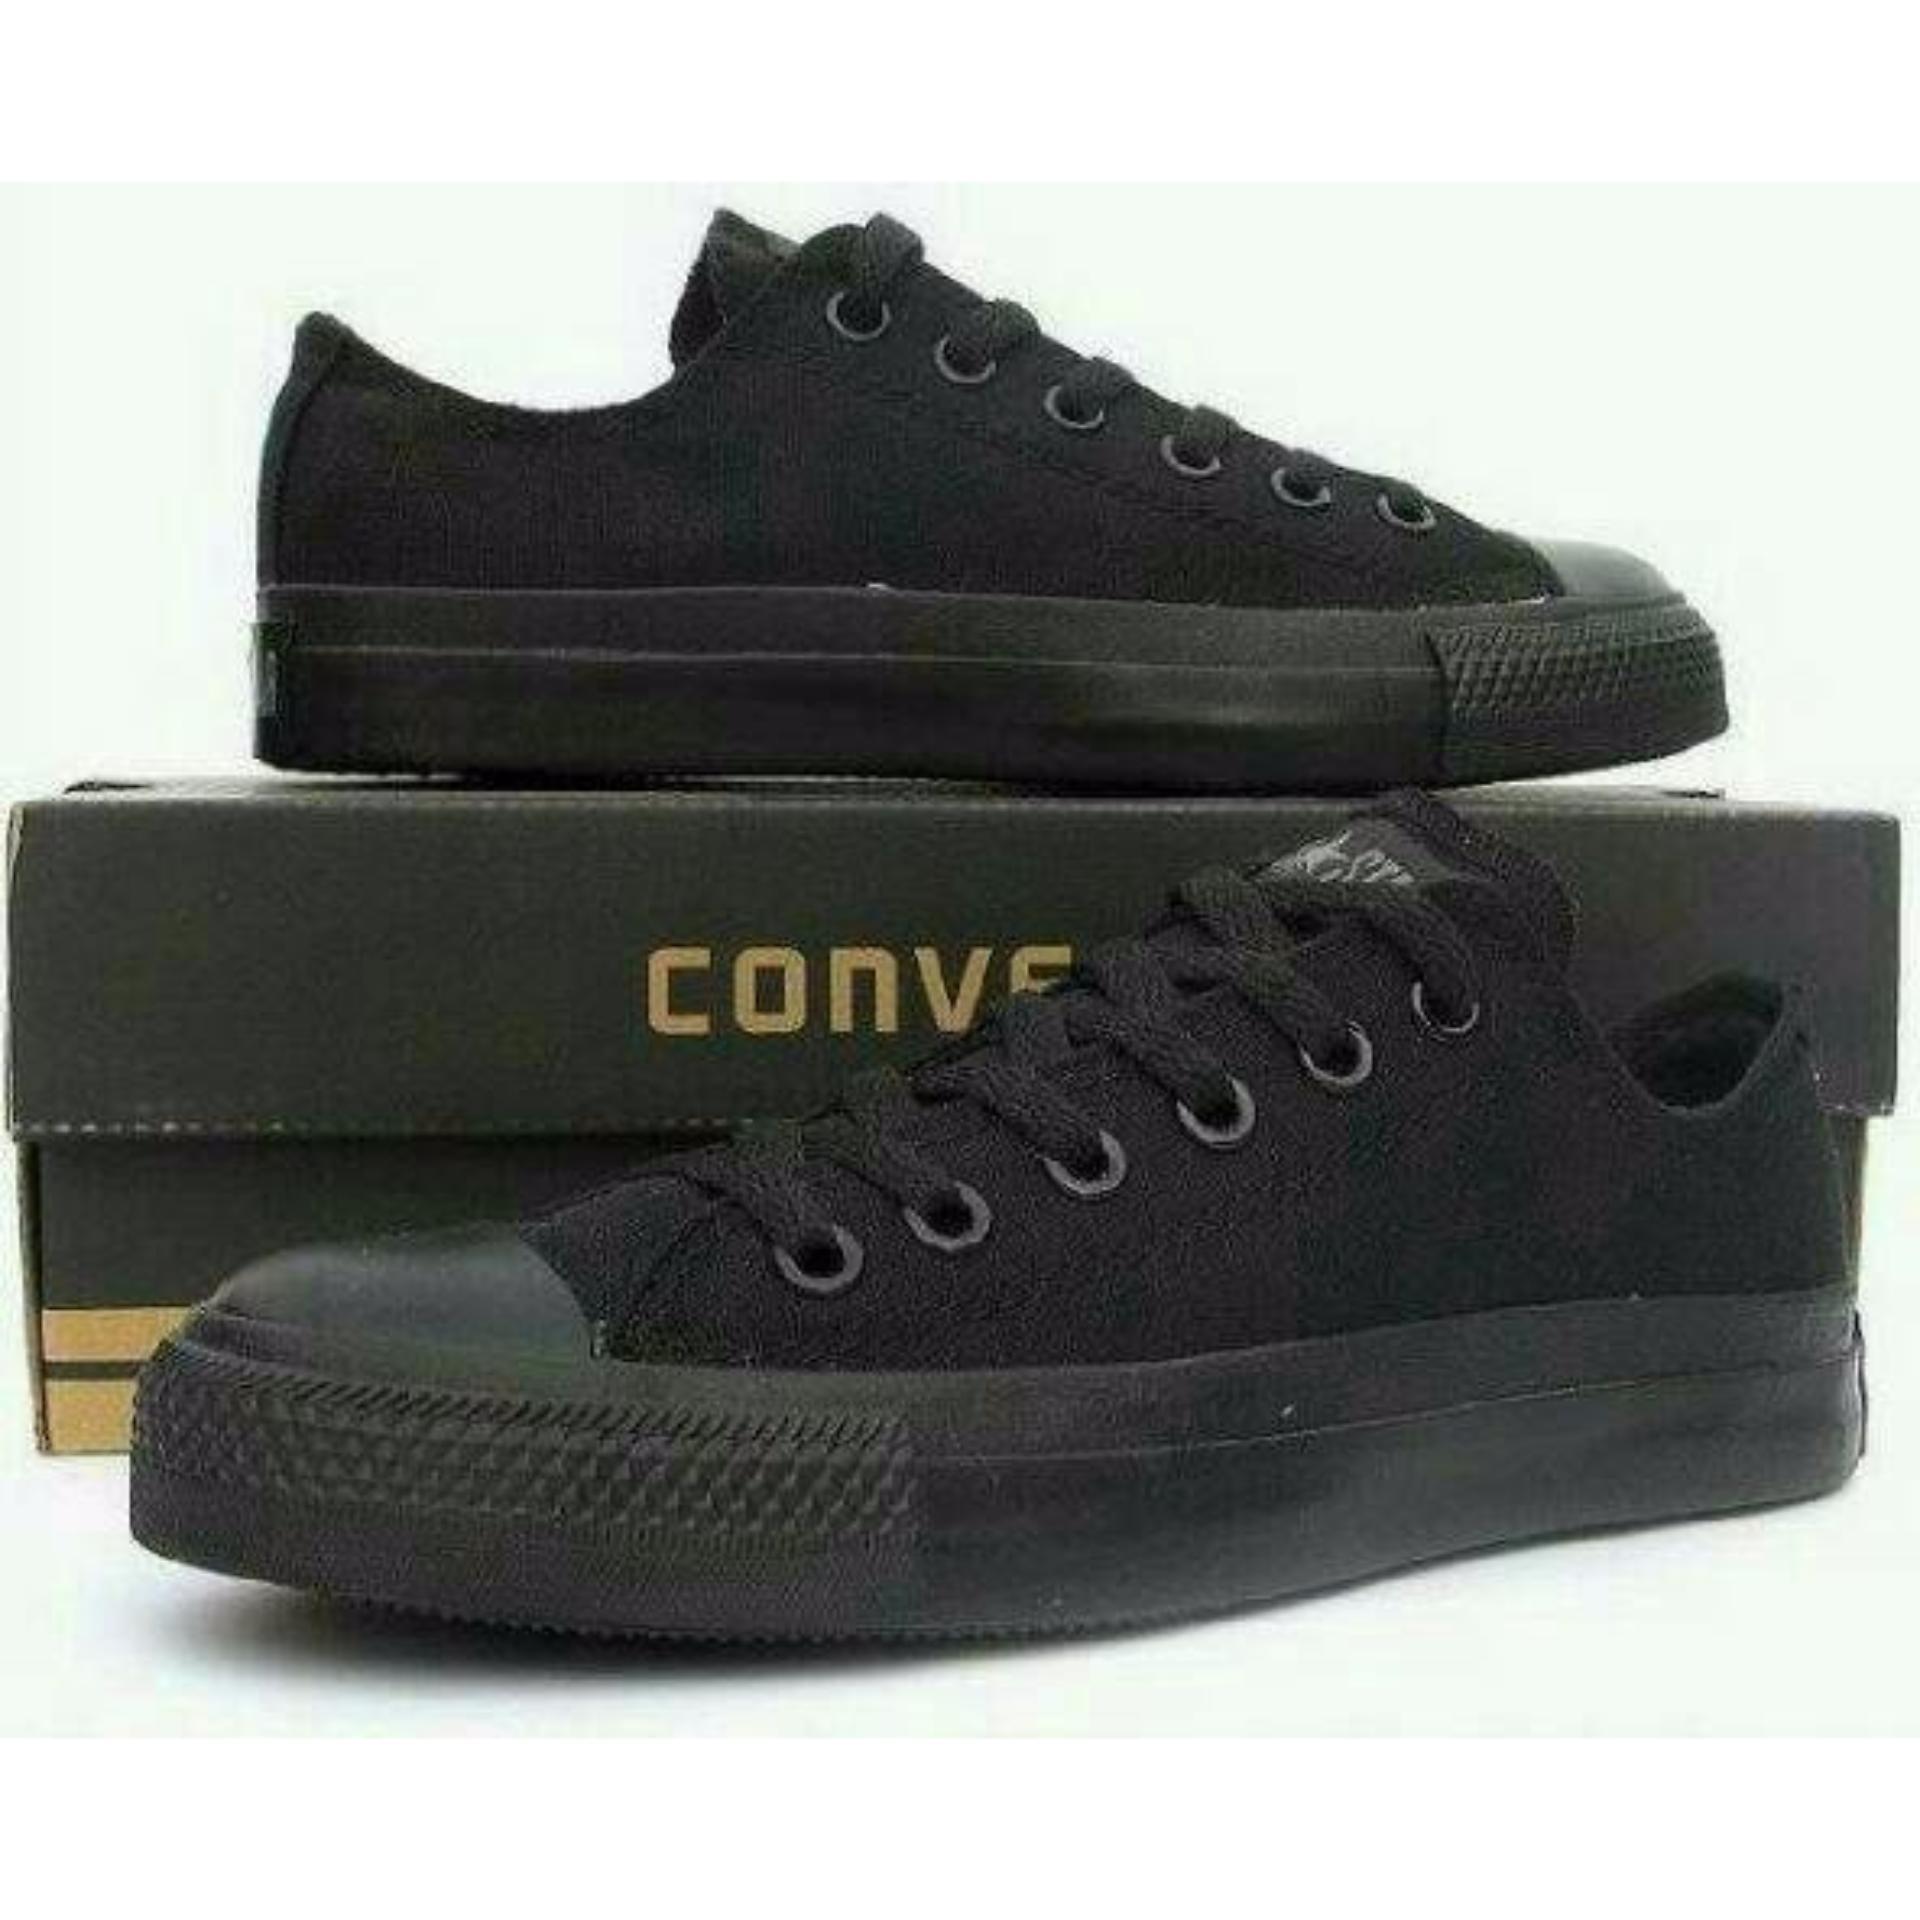 Sepatu Casual Harian Sekolah Kuliah Converse Allstar CT Mono Full Black  Hitam Low Pria Wanita Couple 84bf82f792